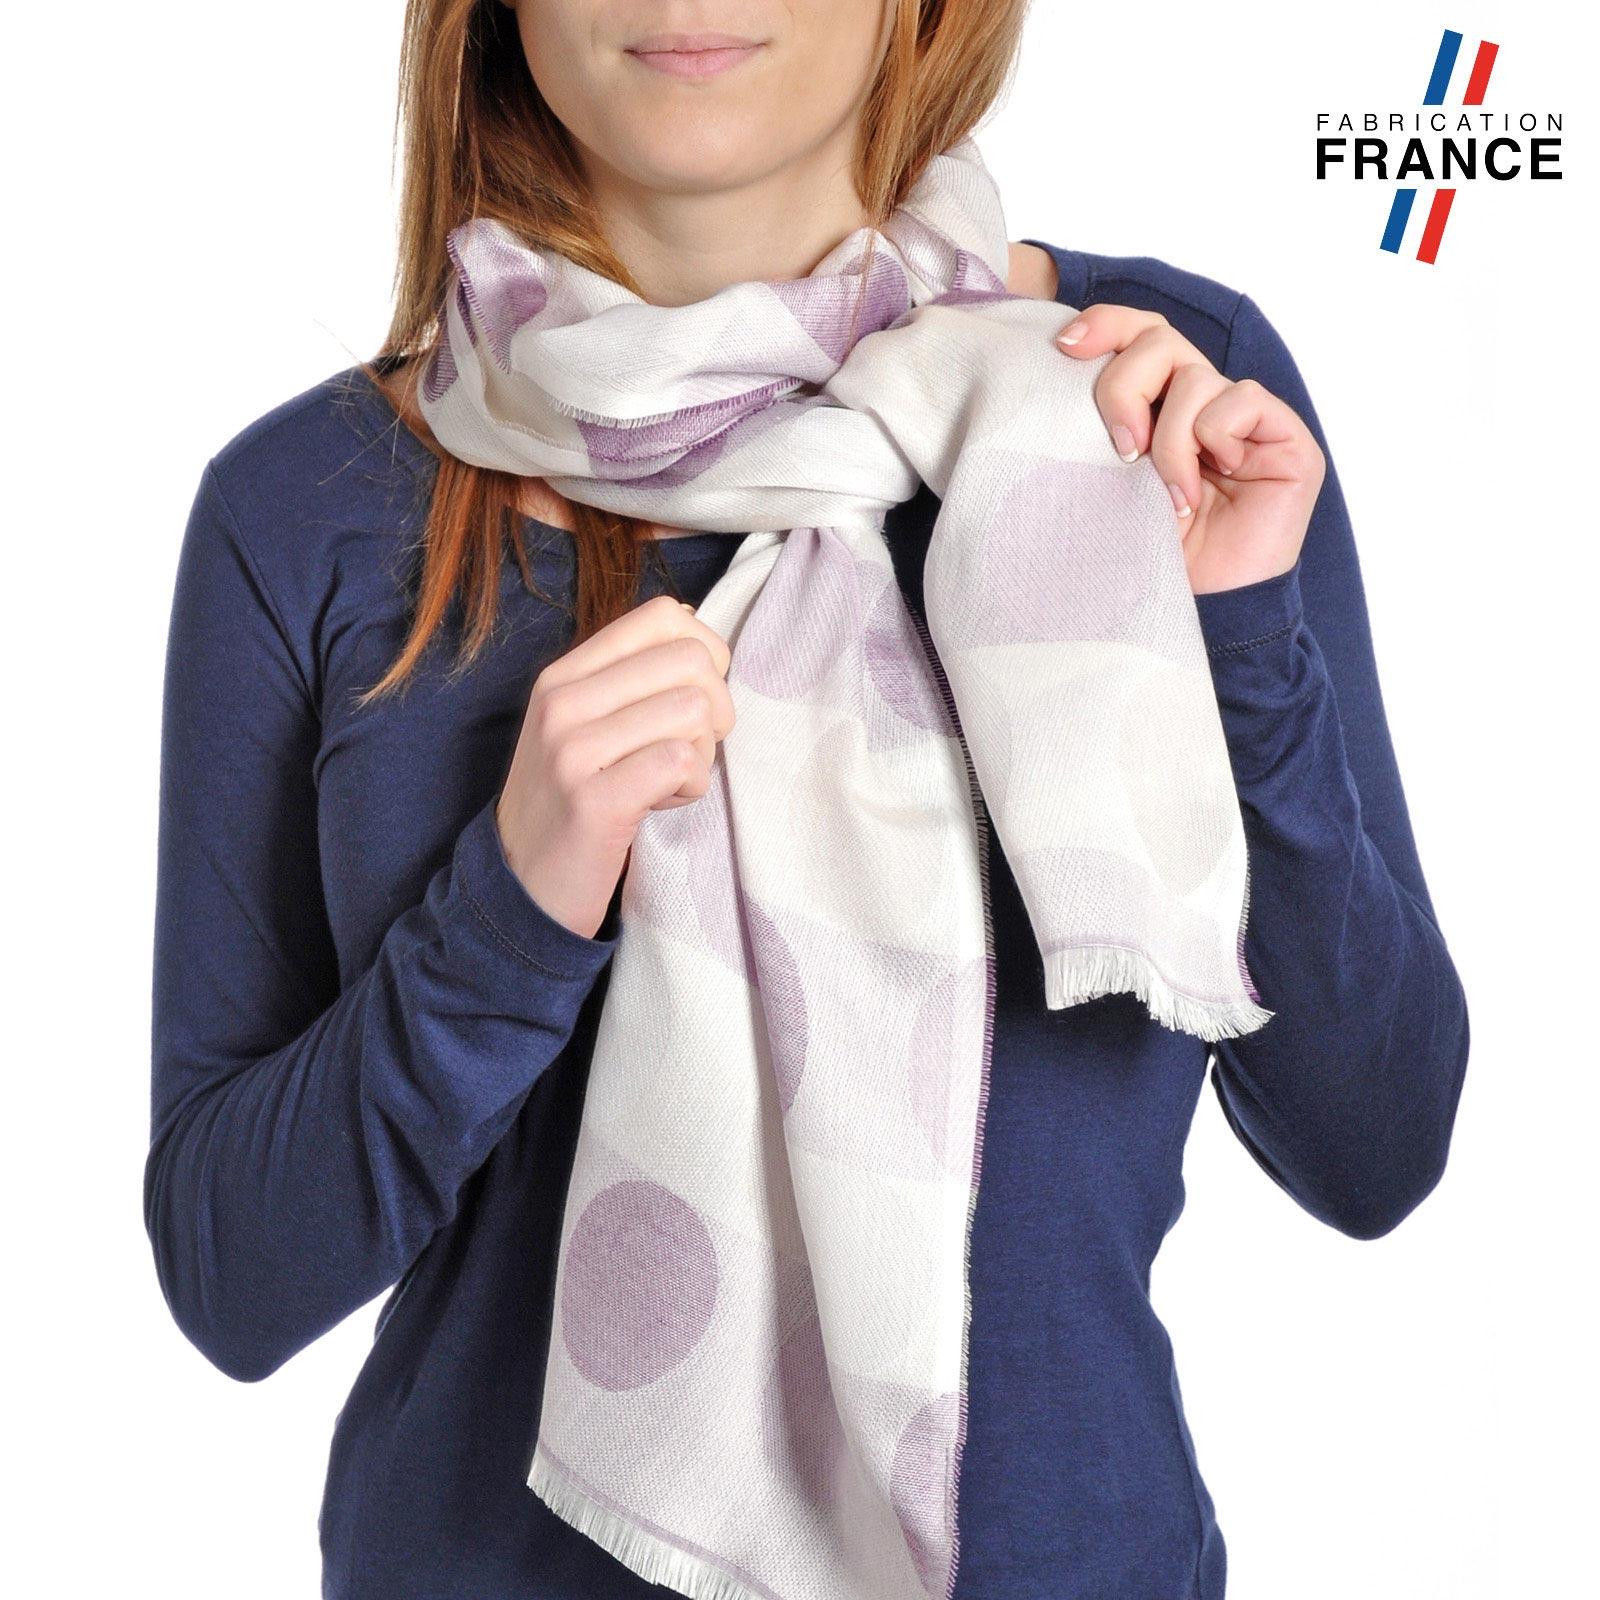 AT-04287-VF10-P-LB_FR-echarpe-legere-bulles-violet-mauve-fabrique-en-france